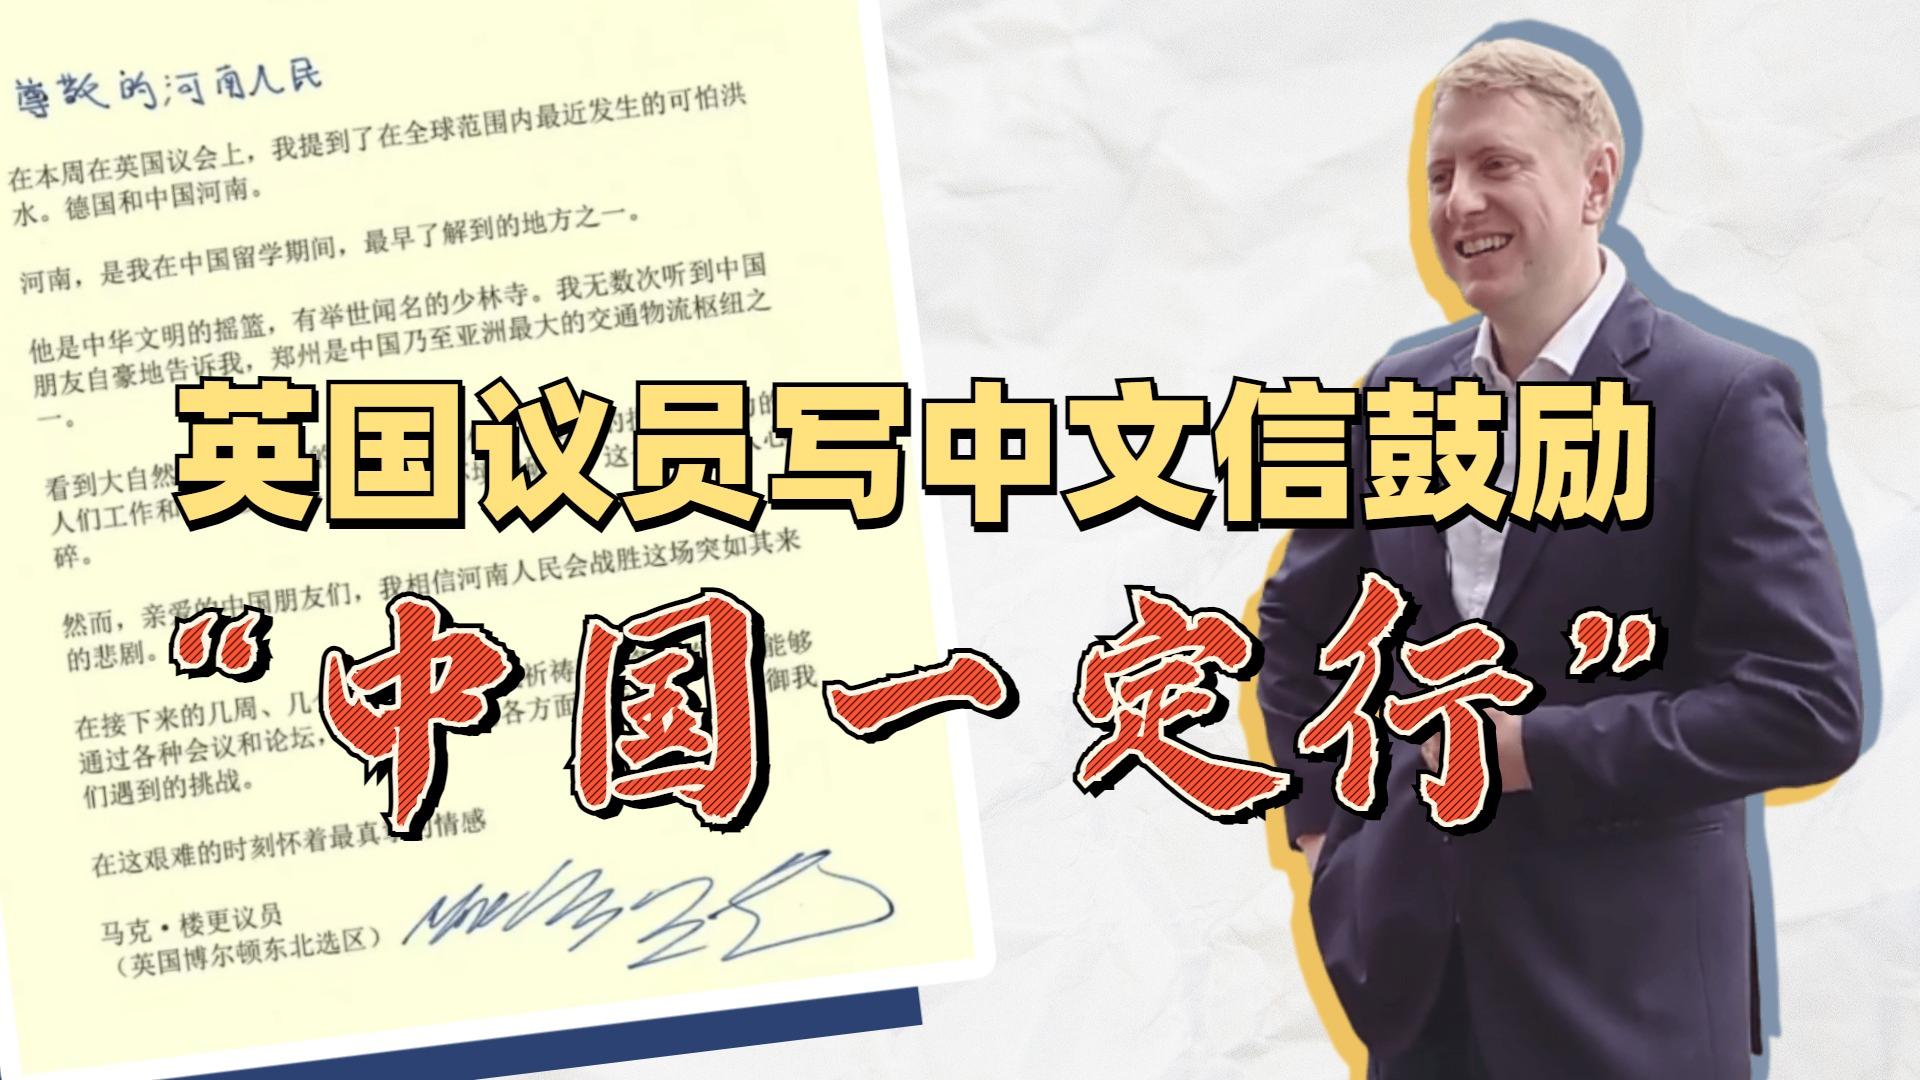 英国议员写中文信鼓励河南:中国一定行!|小徐叨不叨10